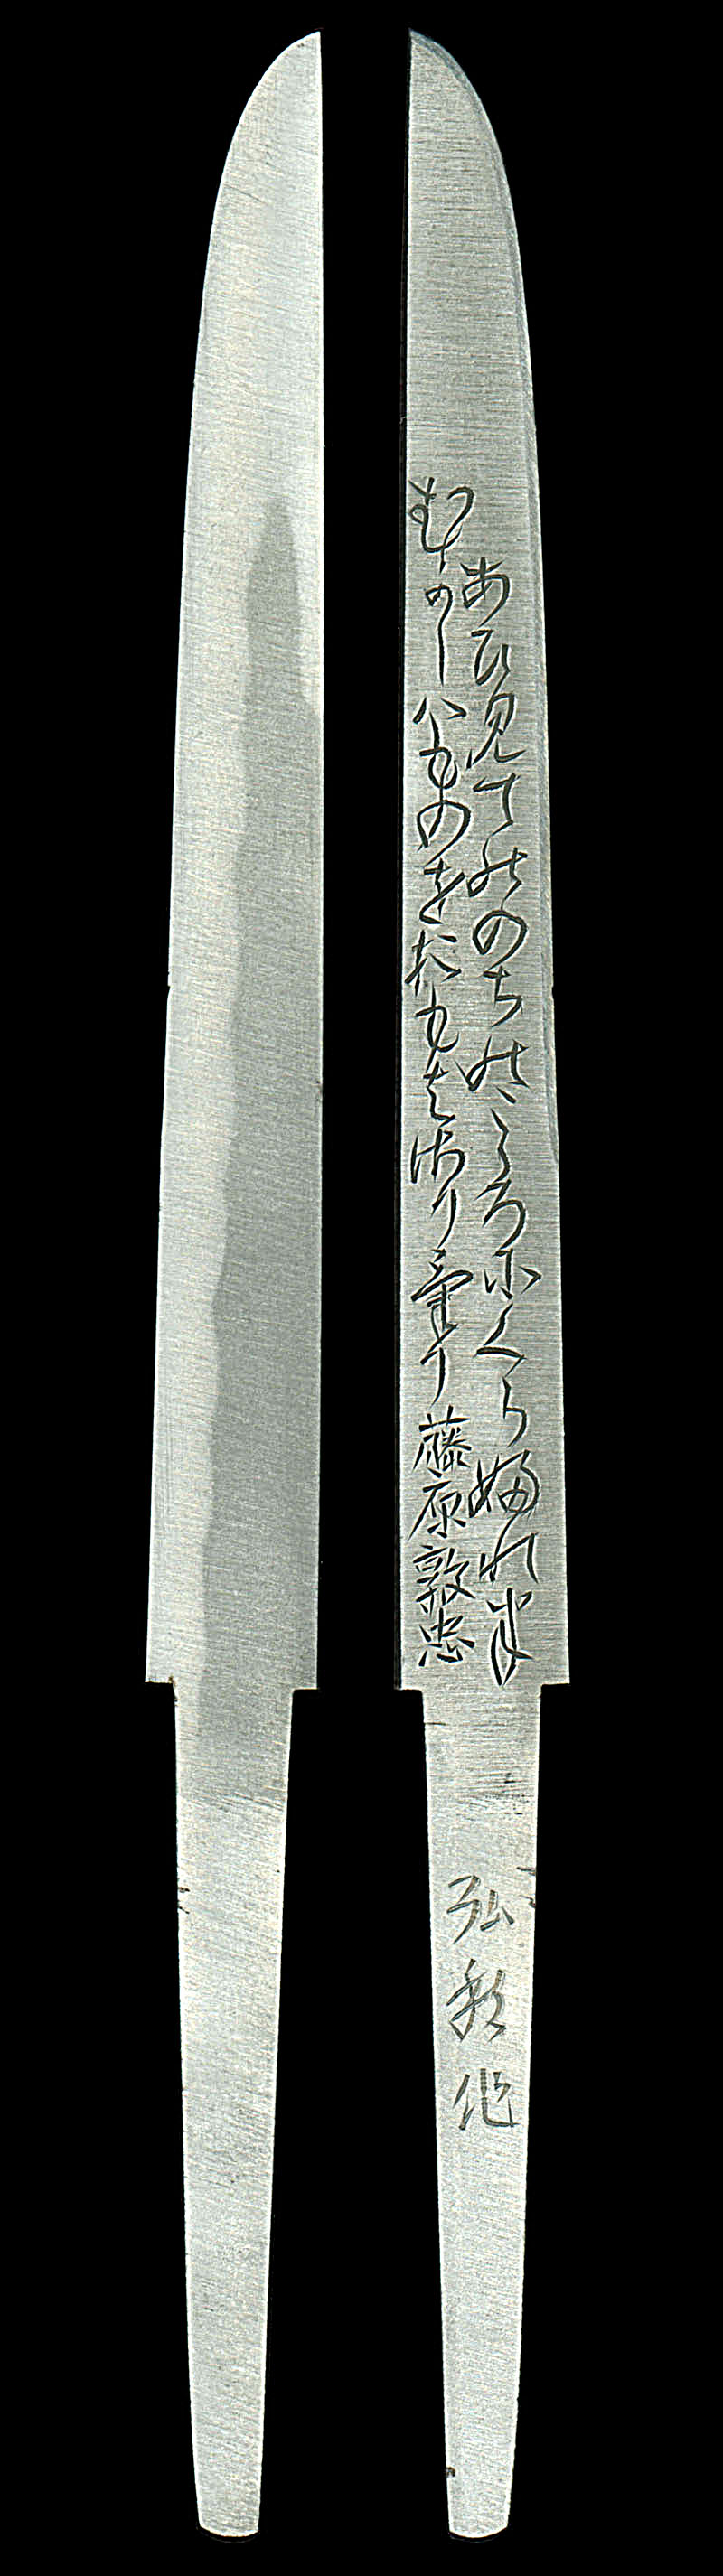 小刀 弘邦造(広木弘邦)(無鑑査刀匠)Picture of whole